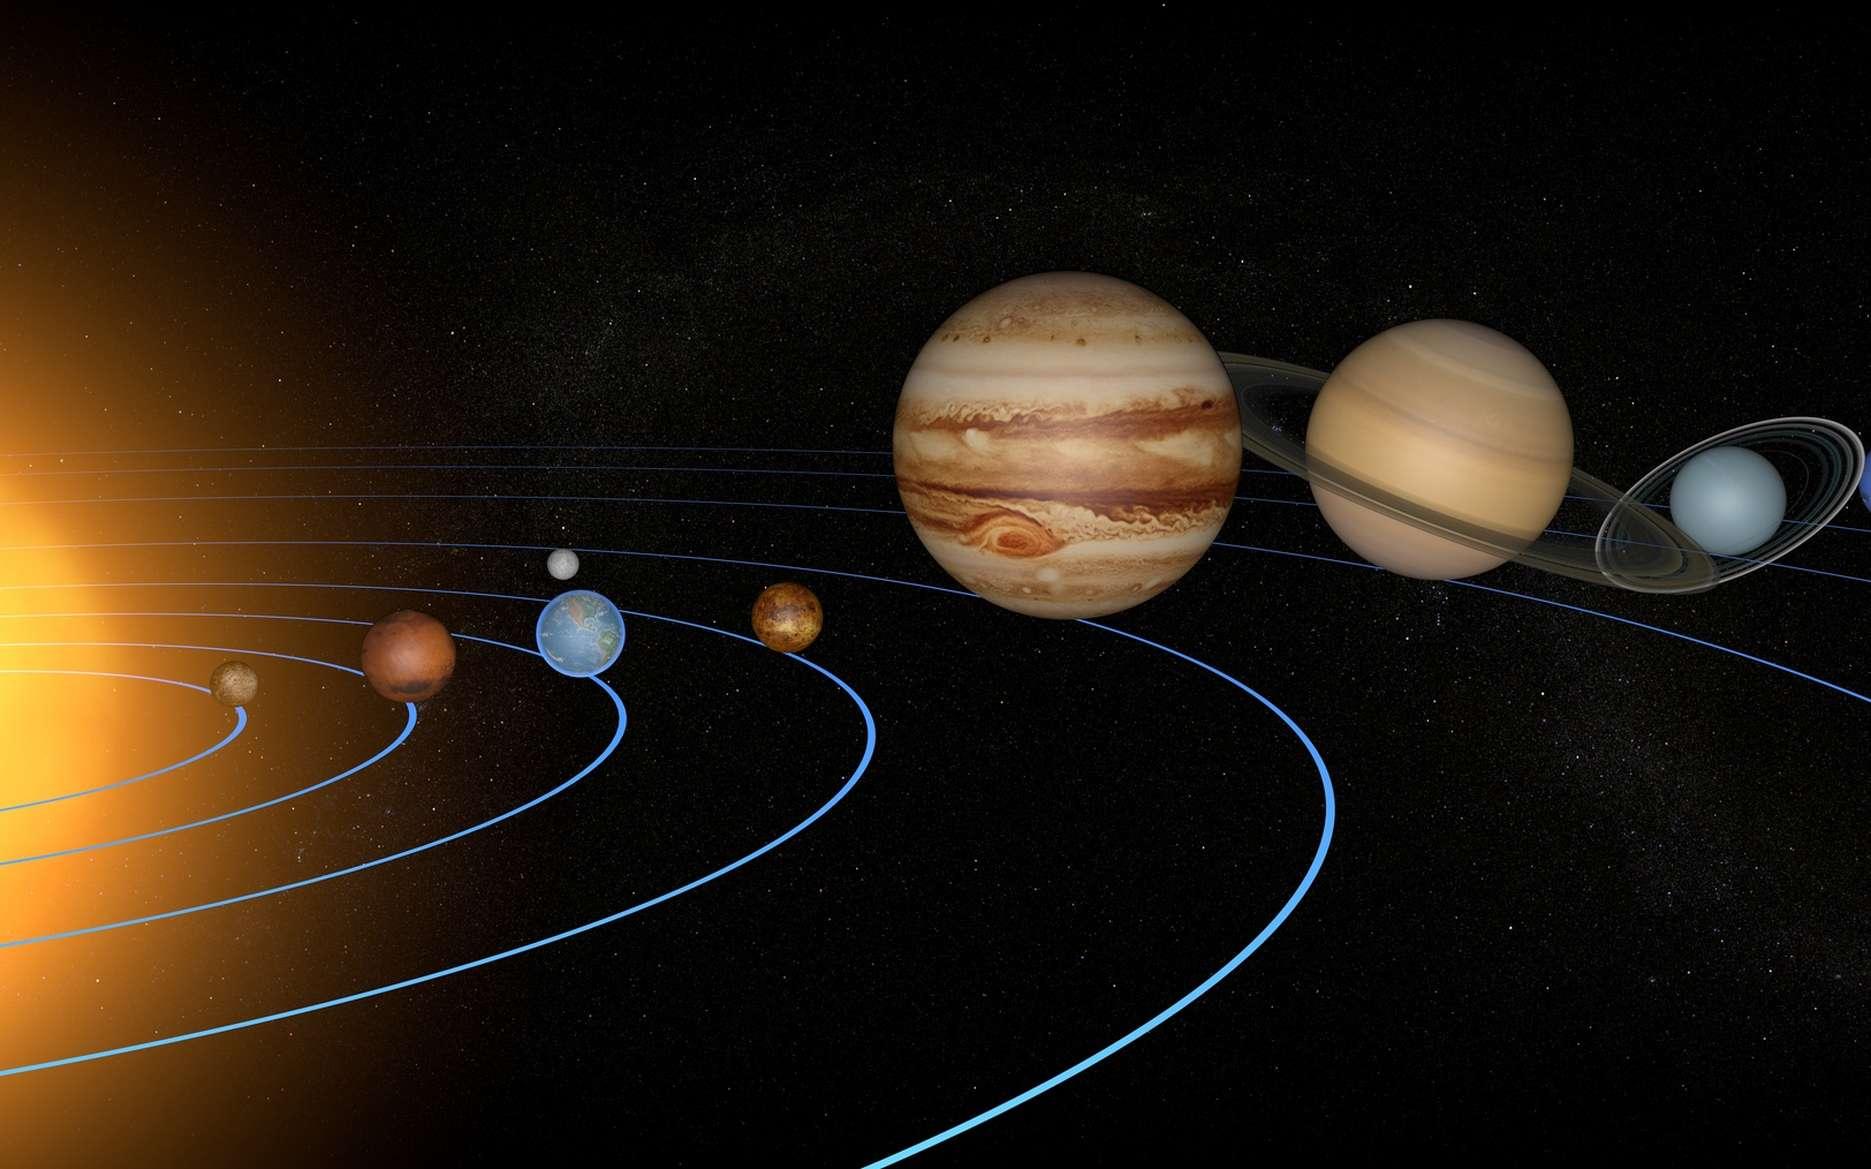 Le Système solaire englobe tous les objets célestes soumis à l'influence gravitationnelle du Soleil, et notamment, huit planètes. © Naeblys, fotolia